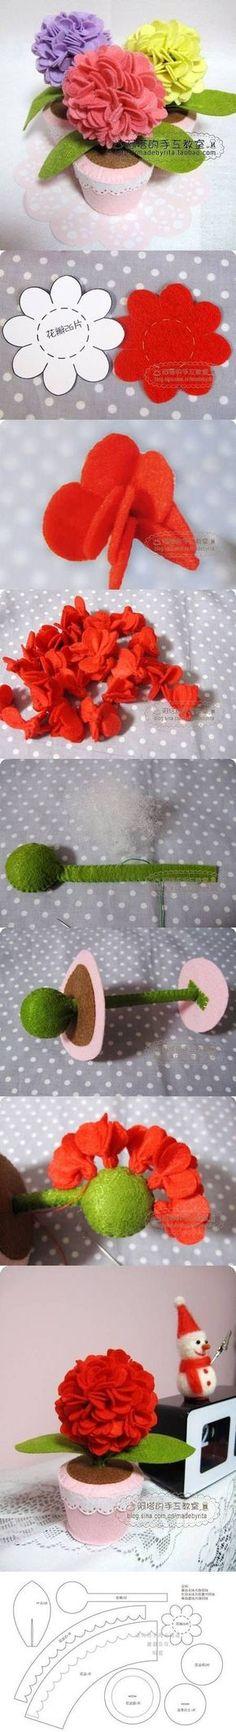 Diy Paper Bonsai | DIY & Crafts Tutorials